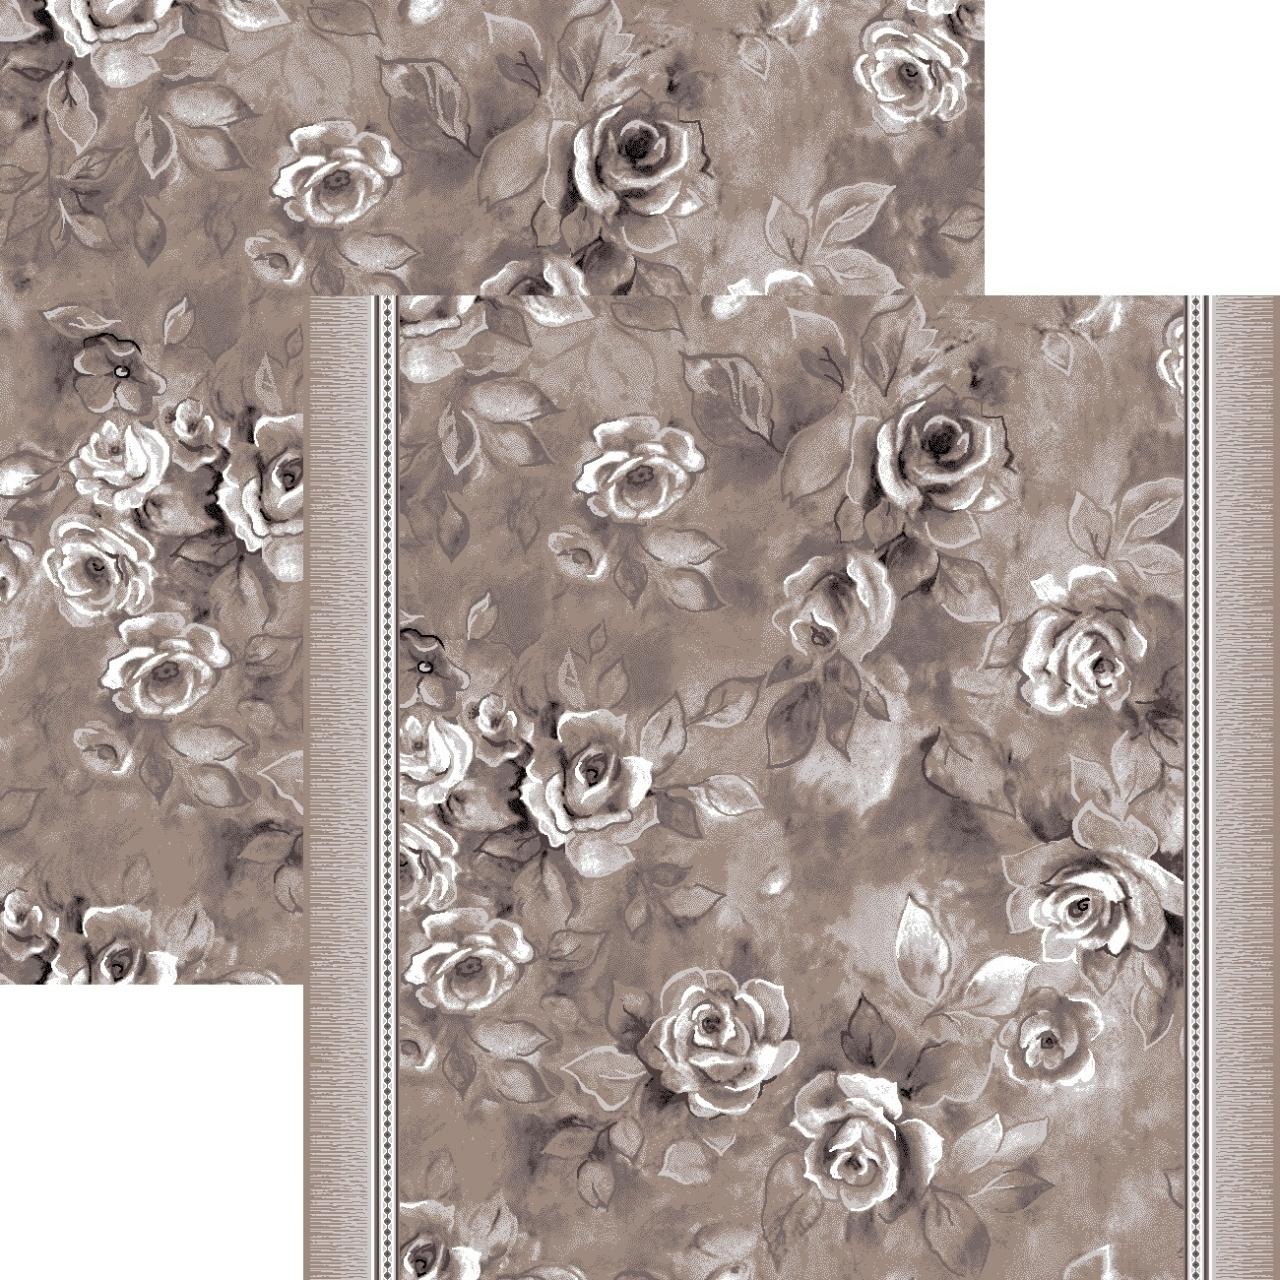 Ковровая дорожка p1611a2p - 100 - коллекция принт 8-ми цветное полотно - фото 1